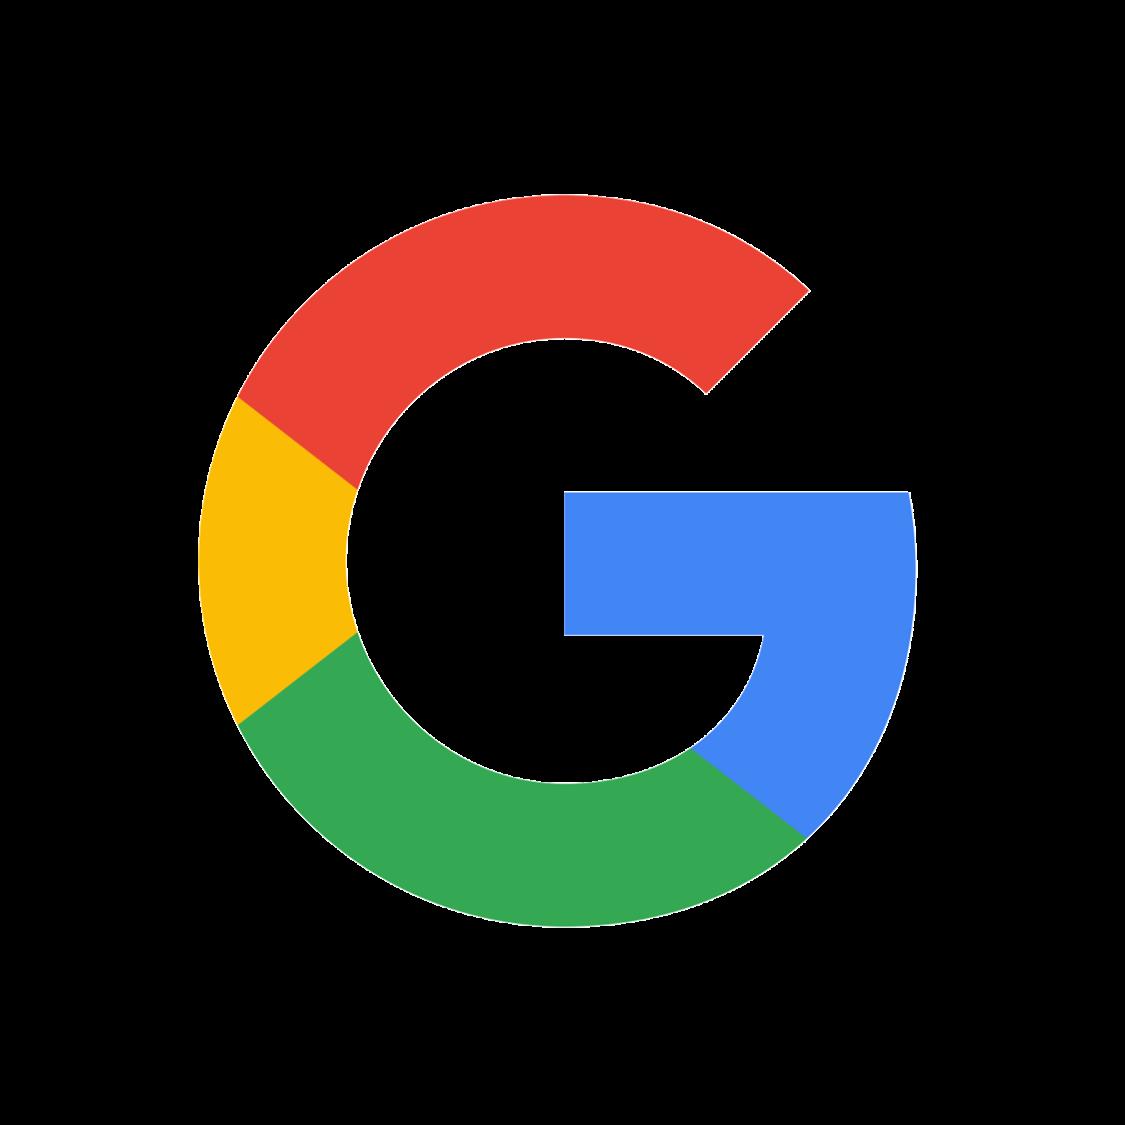 Google logo PNG images free download - Google Logo Transparent Background